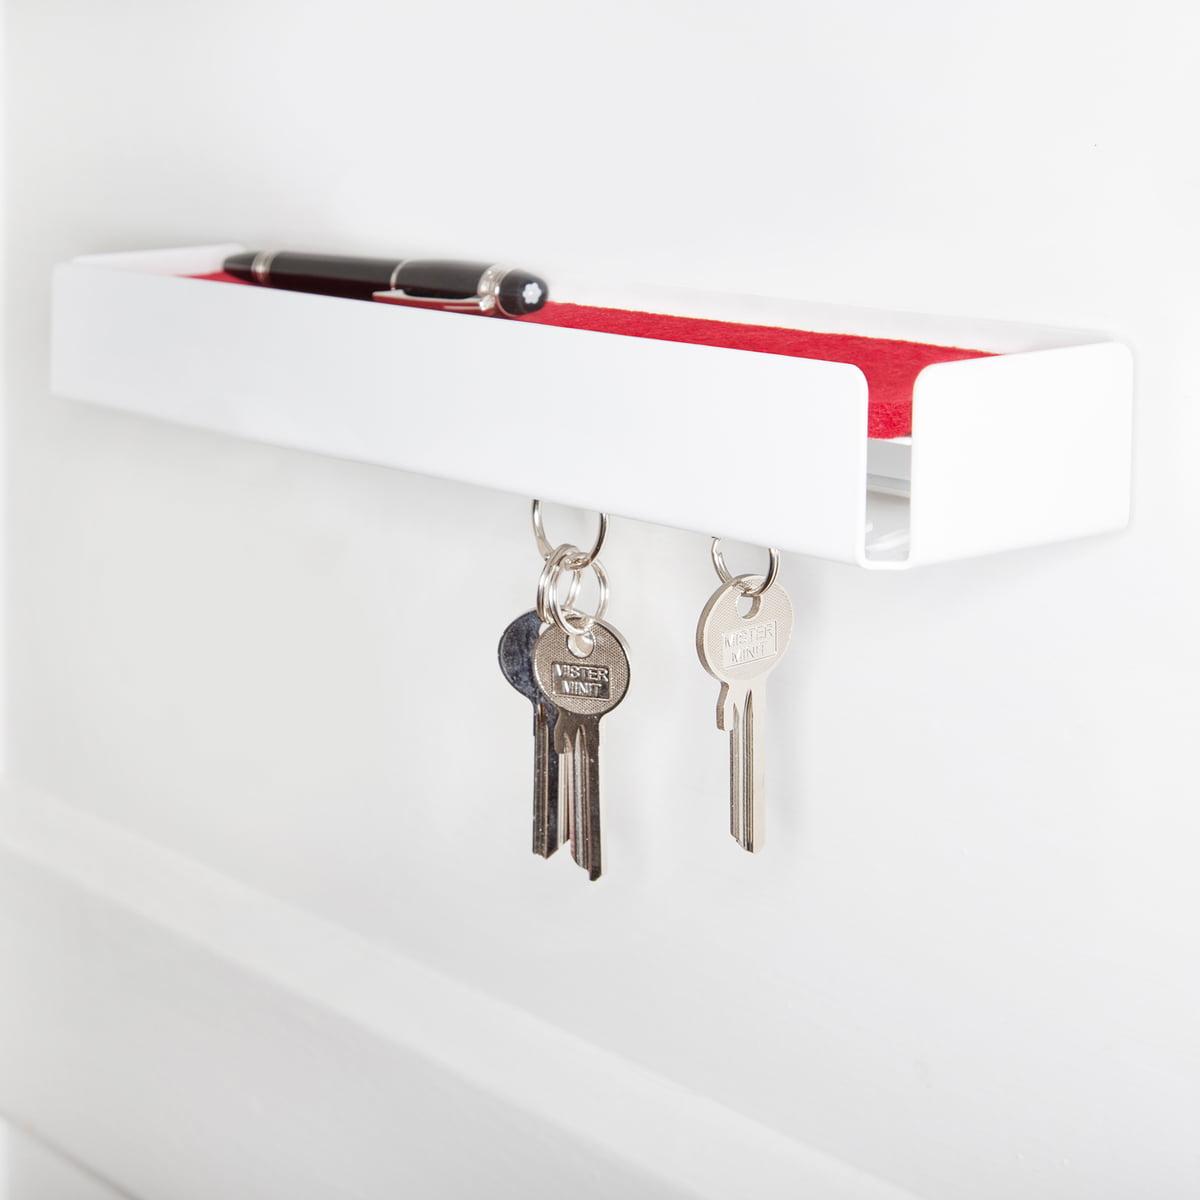 Key box von konstantin slawinski im shop - Boite a cles ikea ...